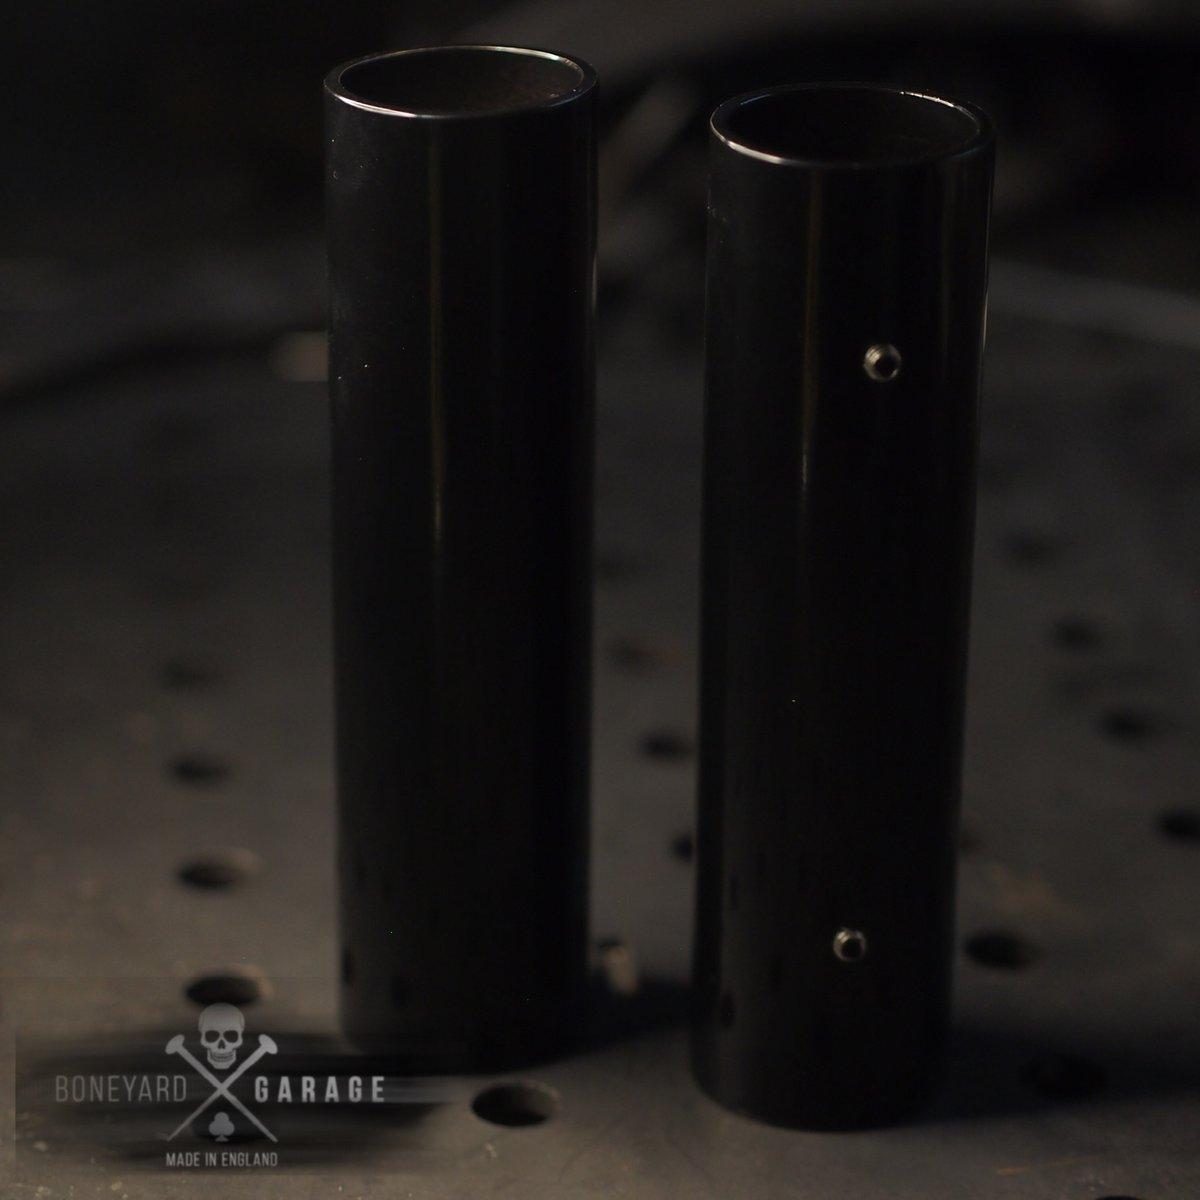 Sportster fork tube covers